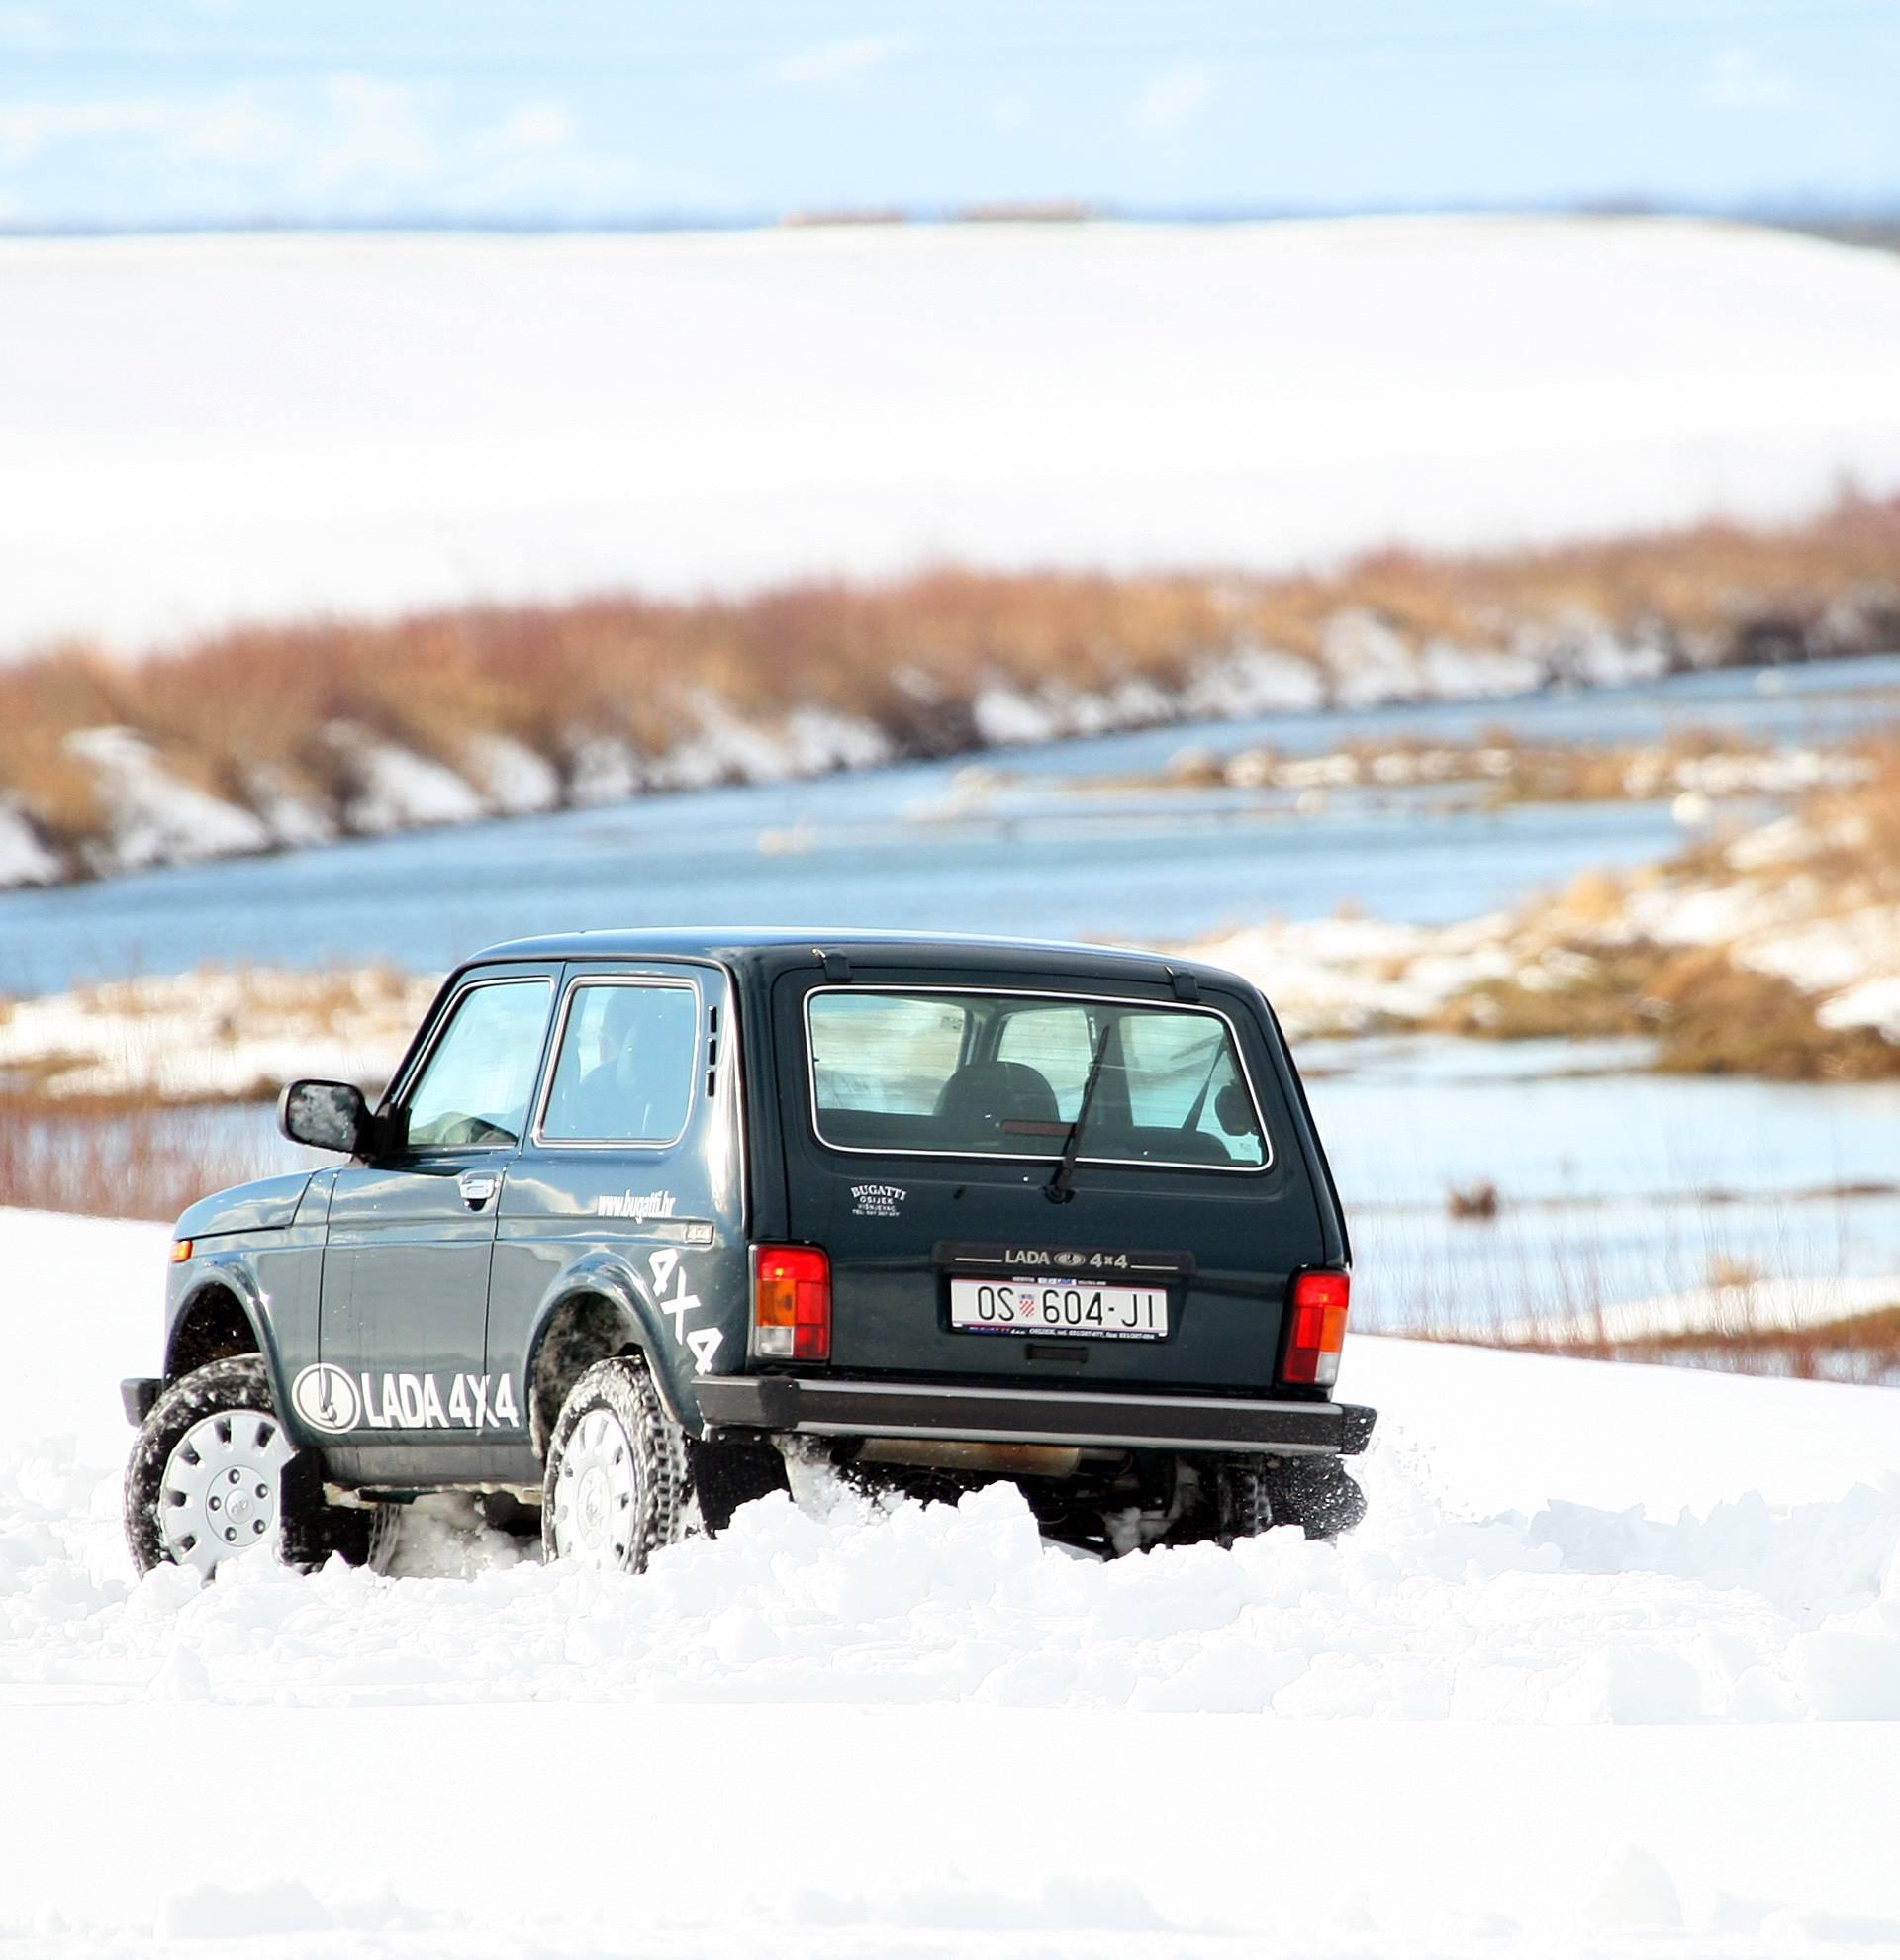 Tražite nešto za zimu? Ovo su najjeftiniji auti s pogonom 4x4